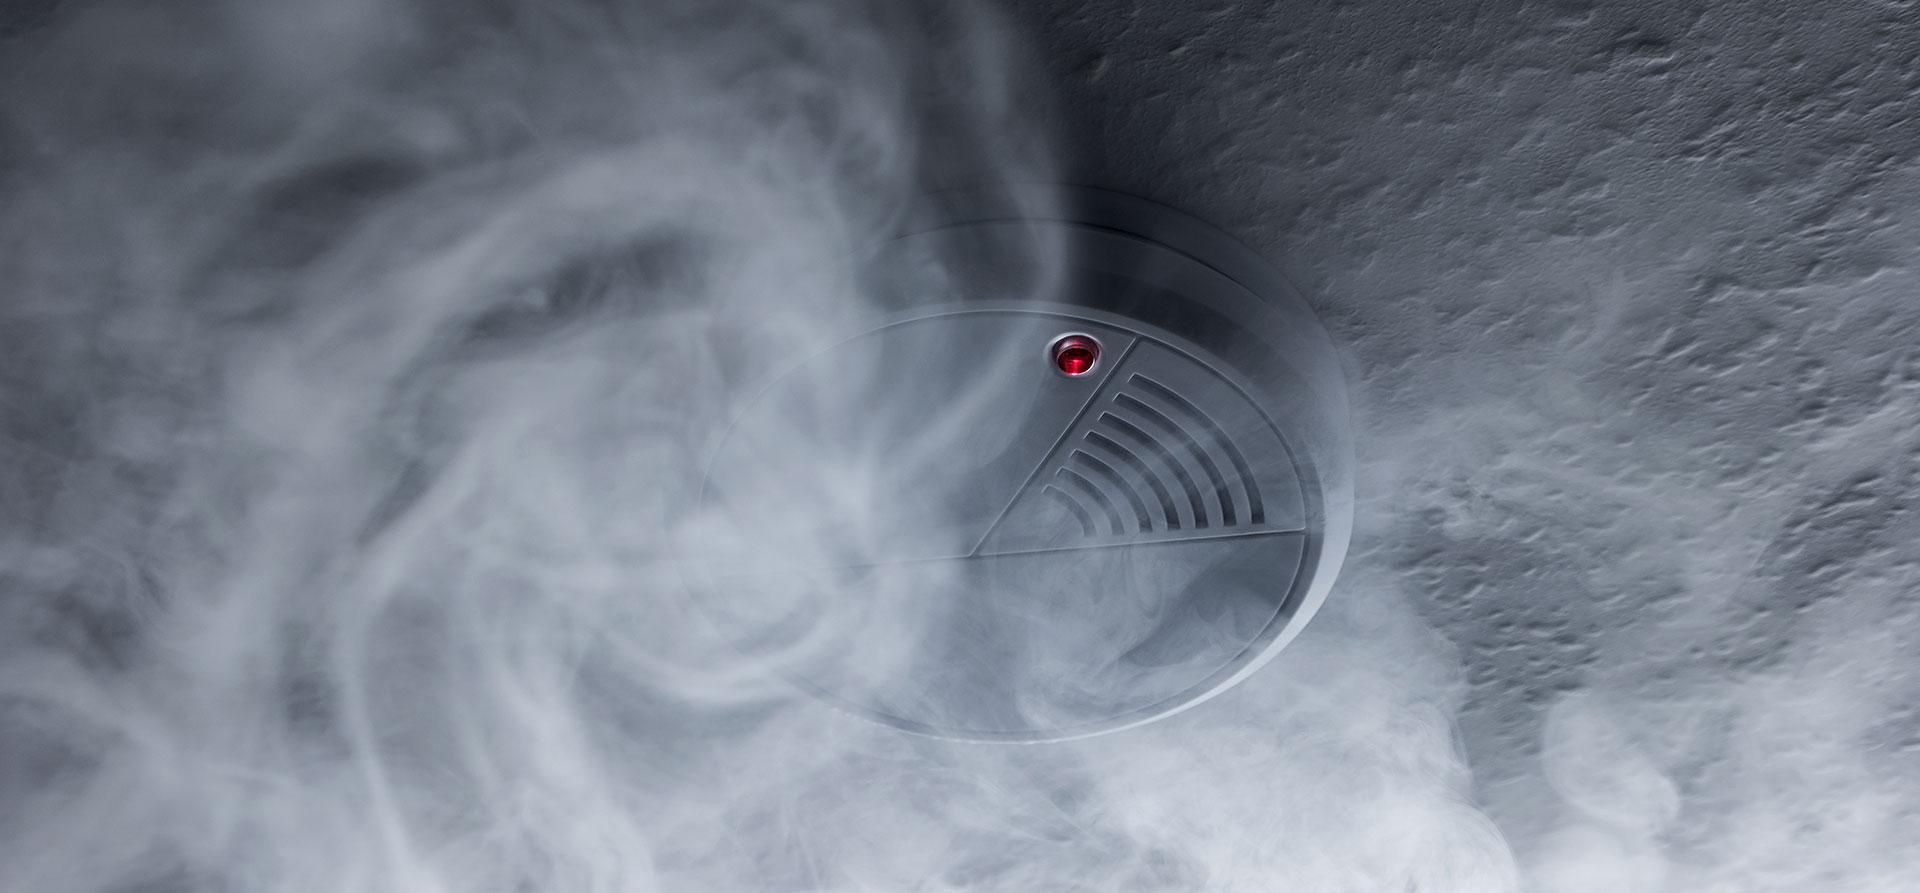 Hva er røykvarslerens dag?